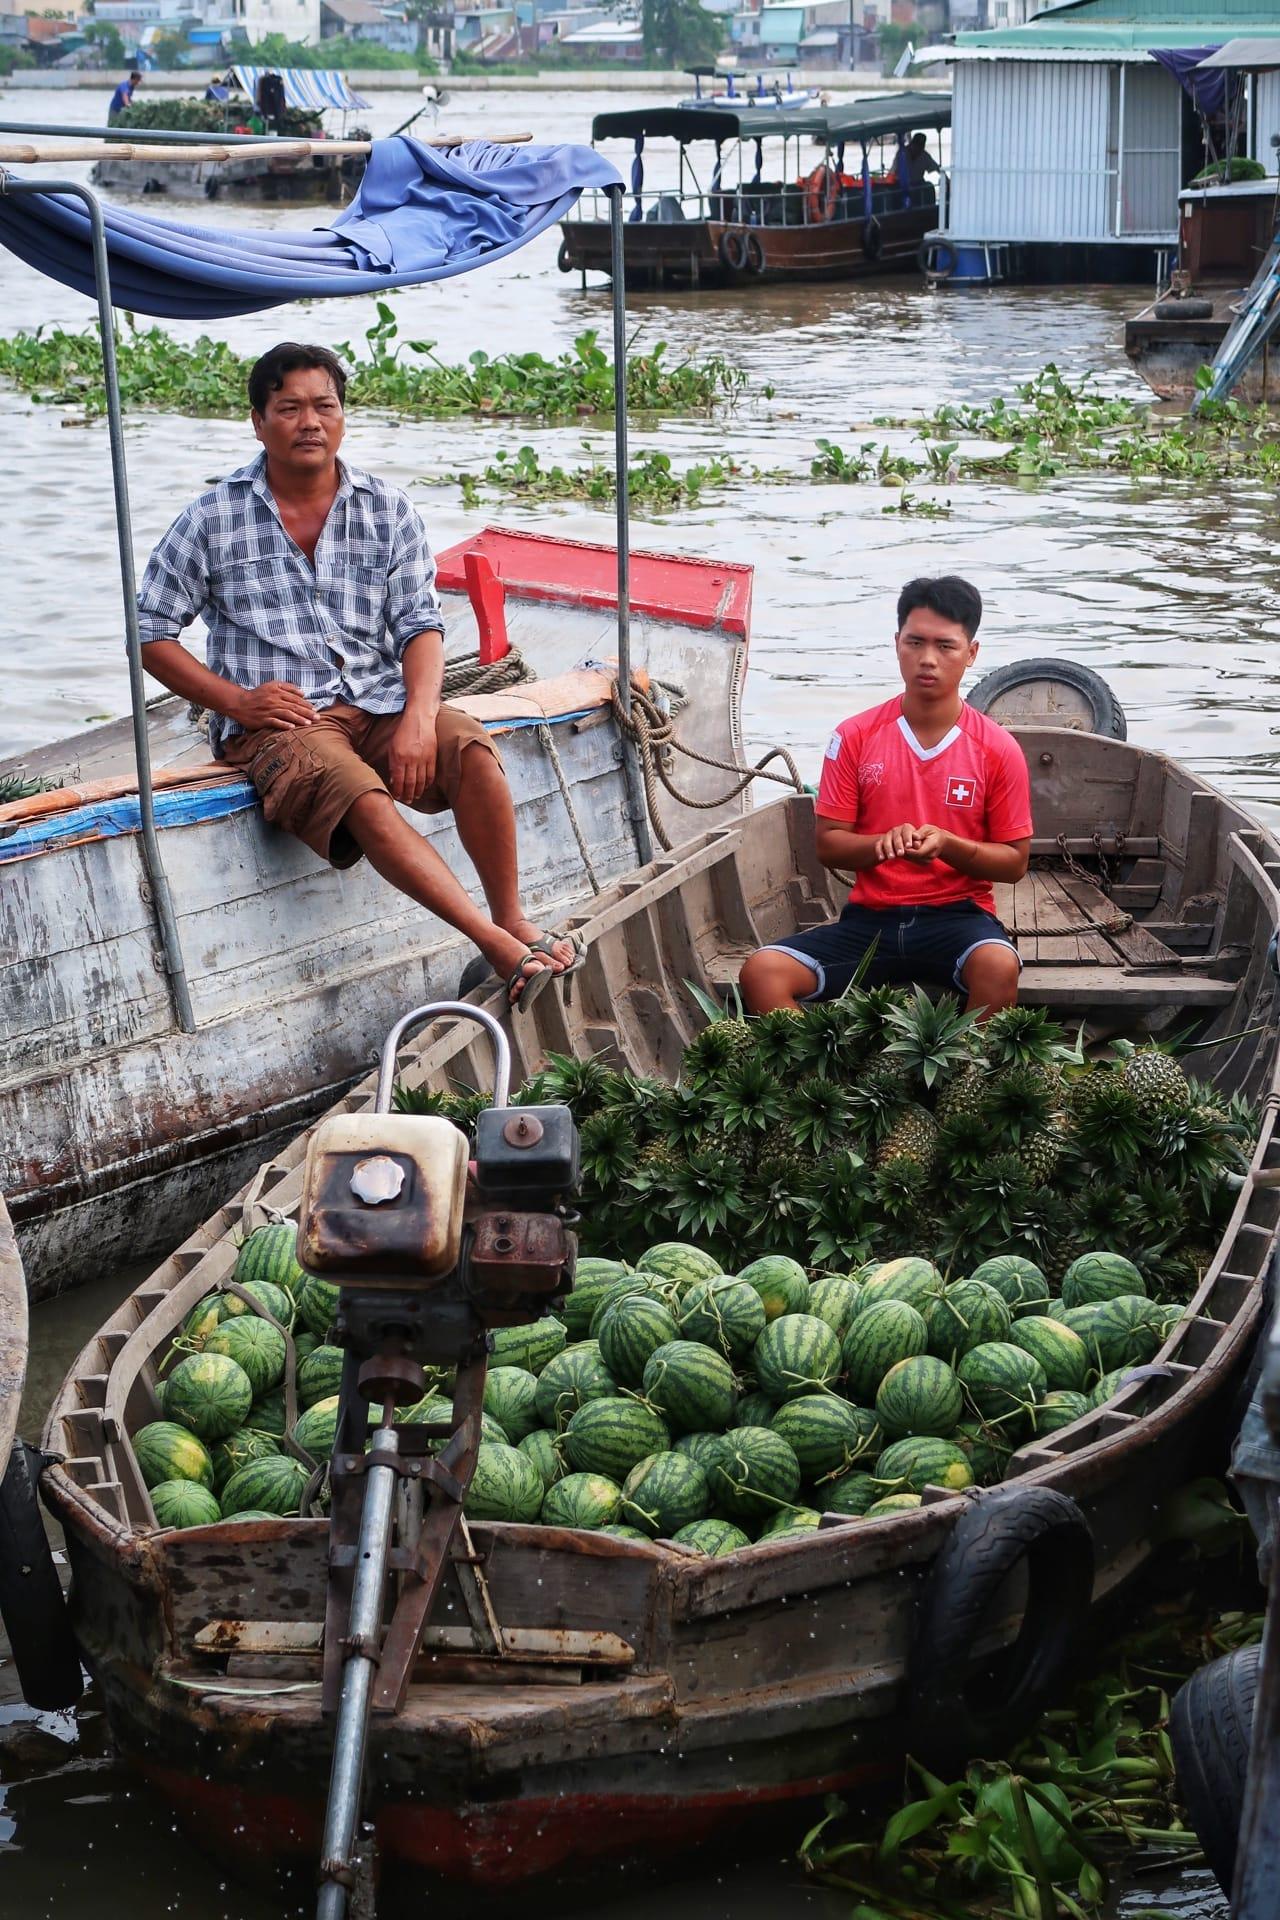 Mekong River marked frugt